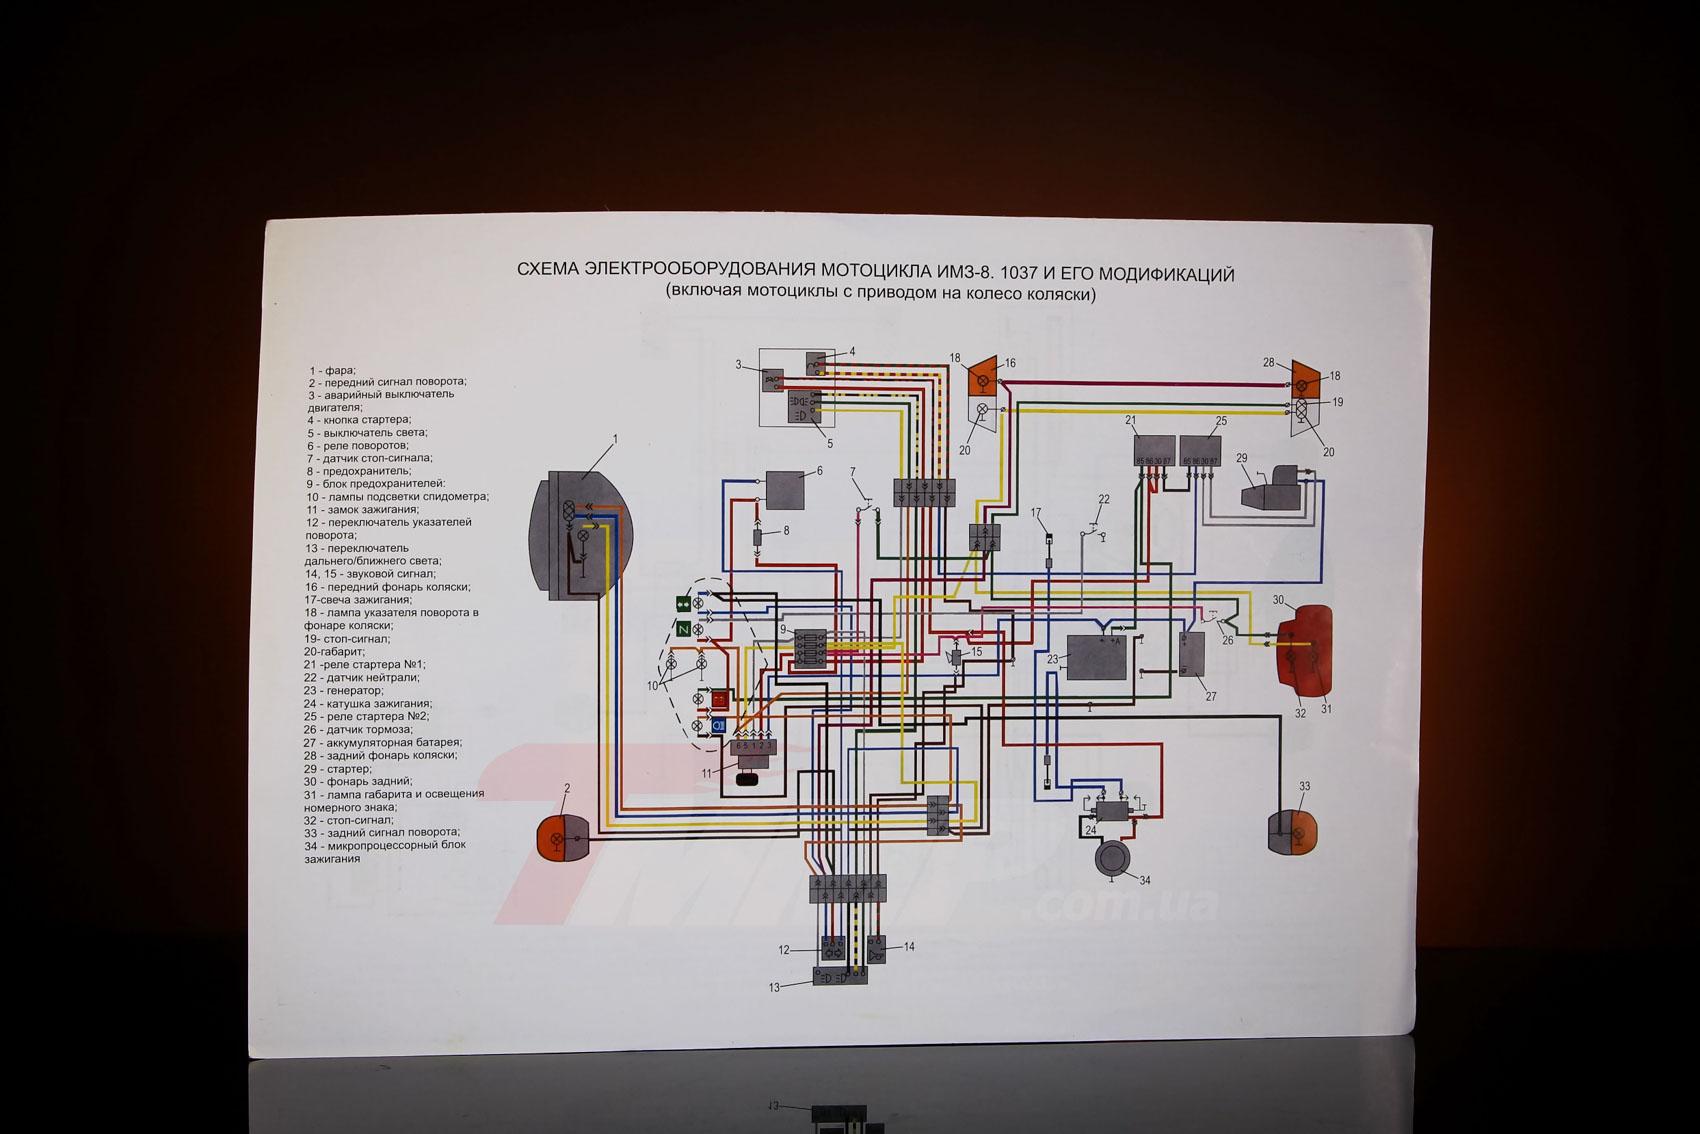 Схема проводки мотоцикла урал имз